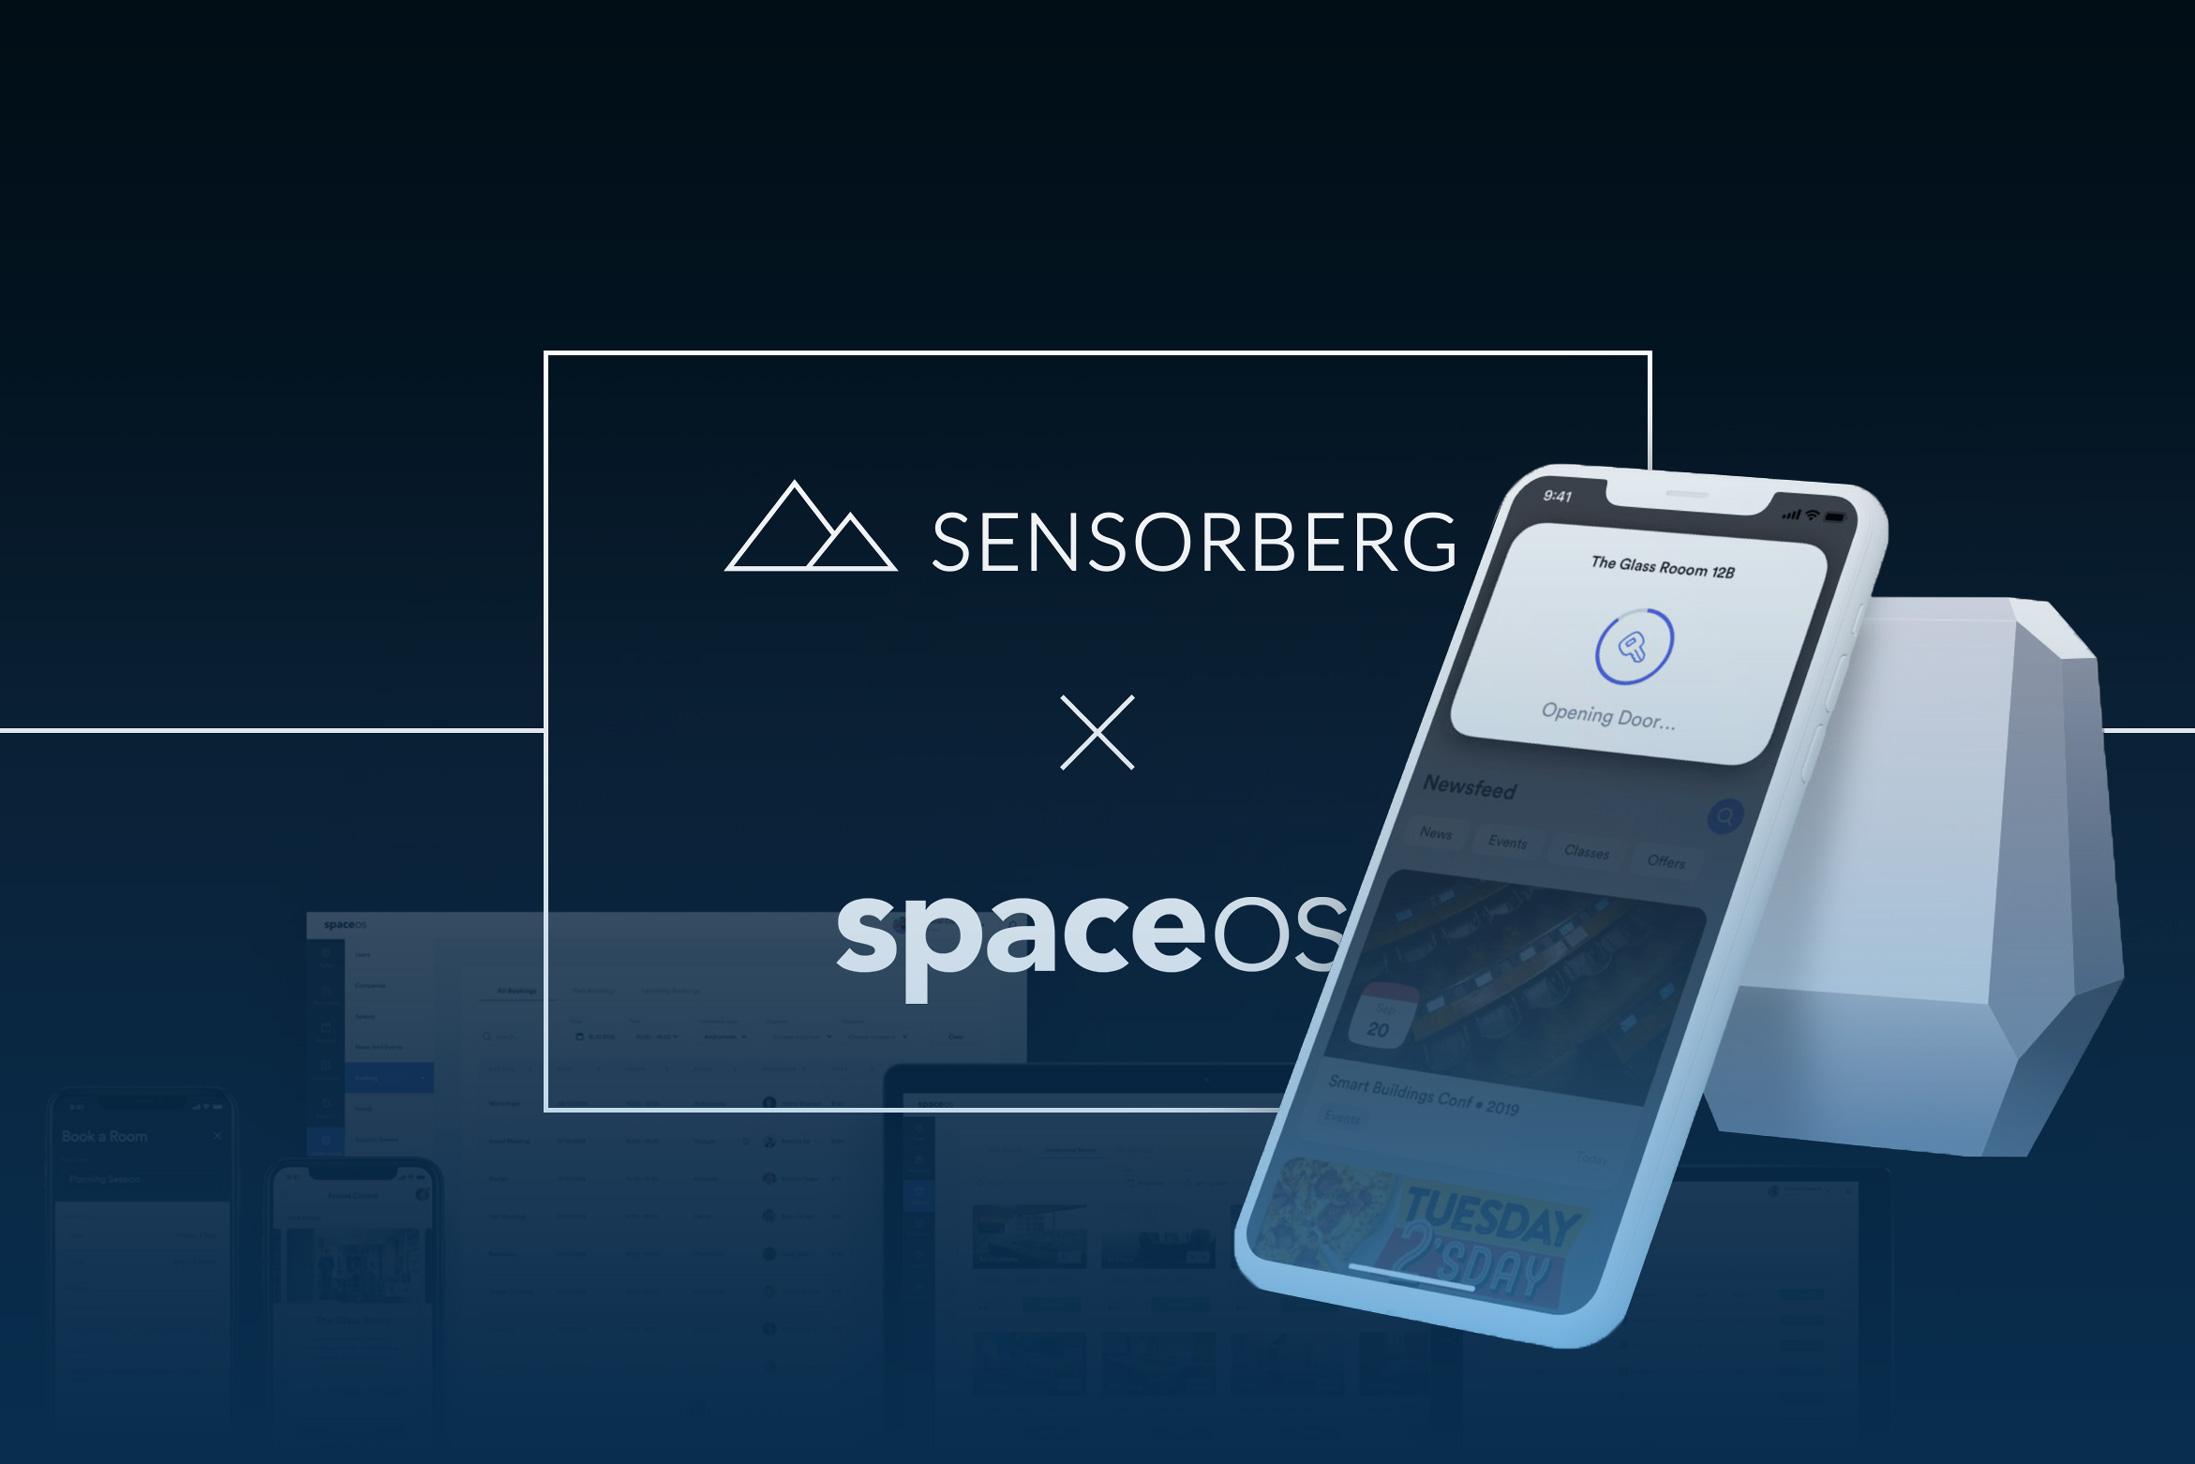 PropTechs Sensorberg und spaceOS gehen Kooperation ein